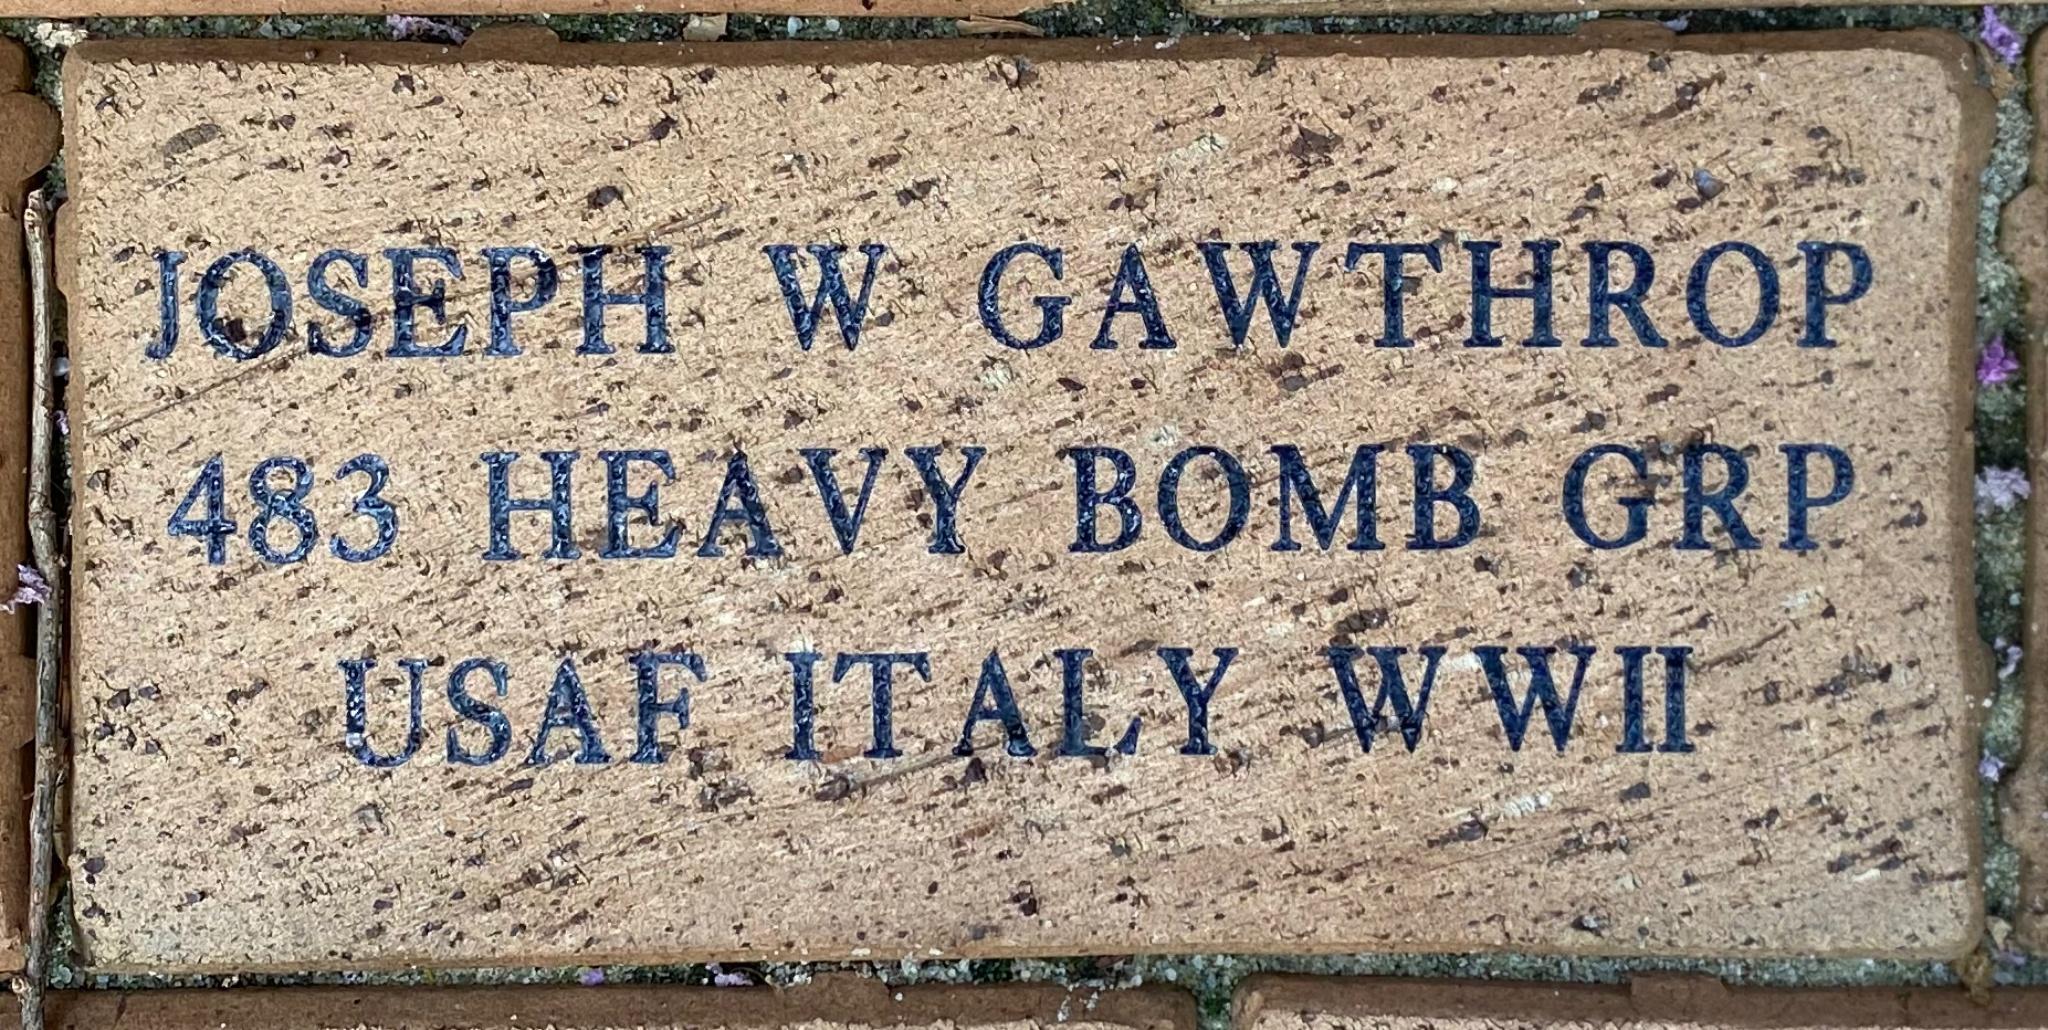 JOSEPH W GAWTHROP 483 HEAVY BOMB GRP USAF ITALY WWII